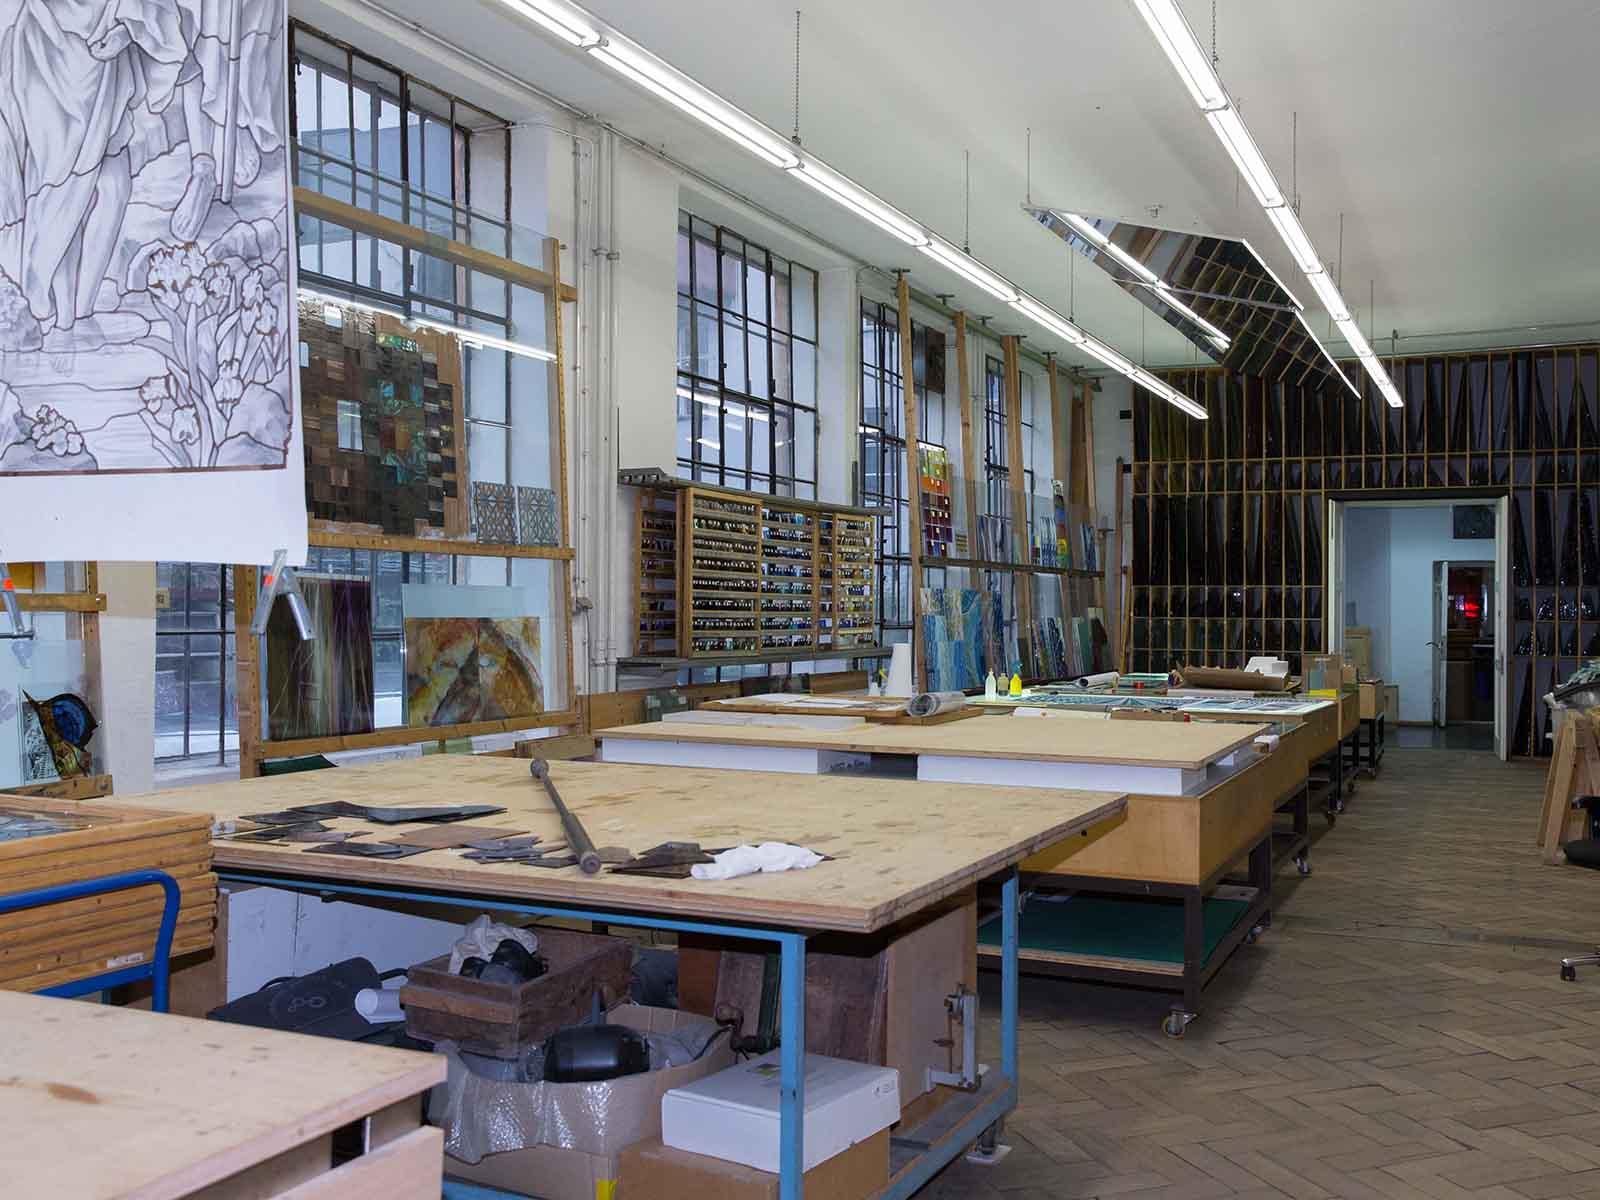 Einer der Höhepunkte der diesjährigen Pfarreireise bildete das Treffen mit dem Künstler Horst Thürheimer in der Mayr'schen Hofkunstanstalt.